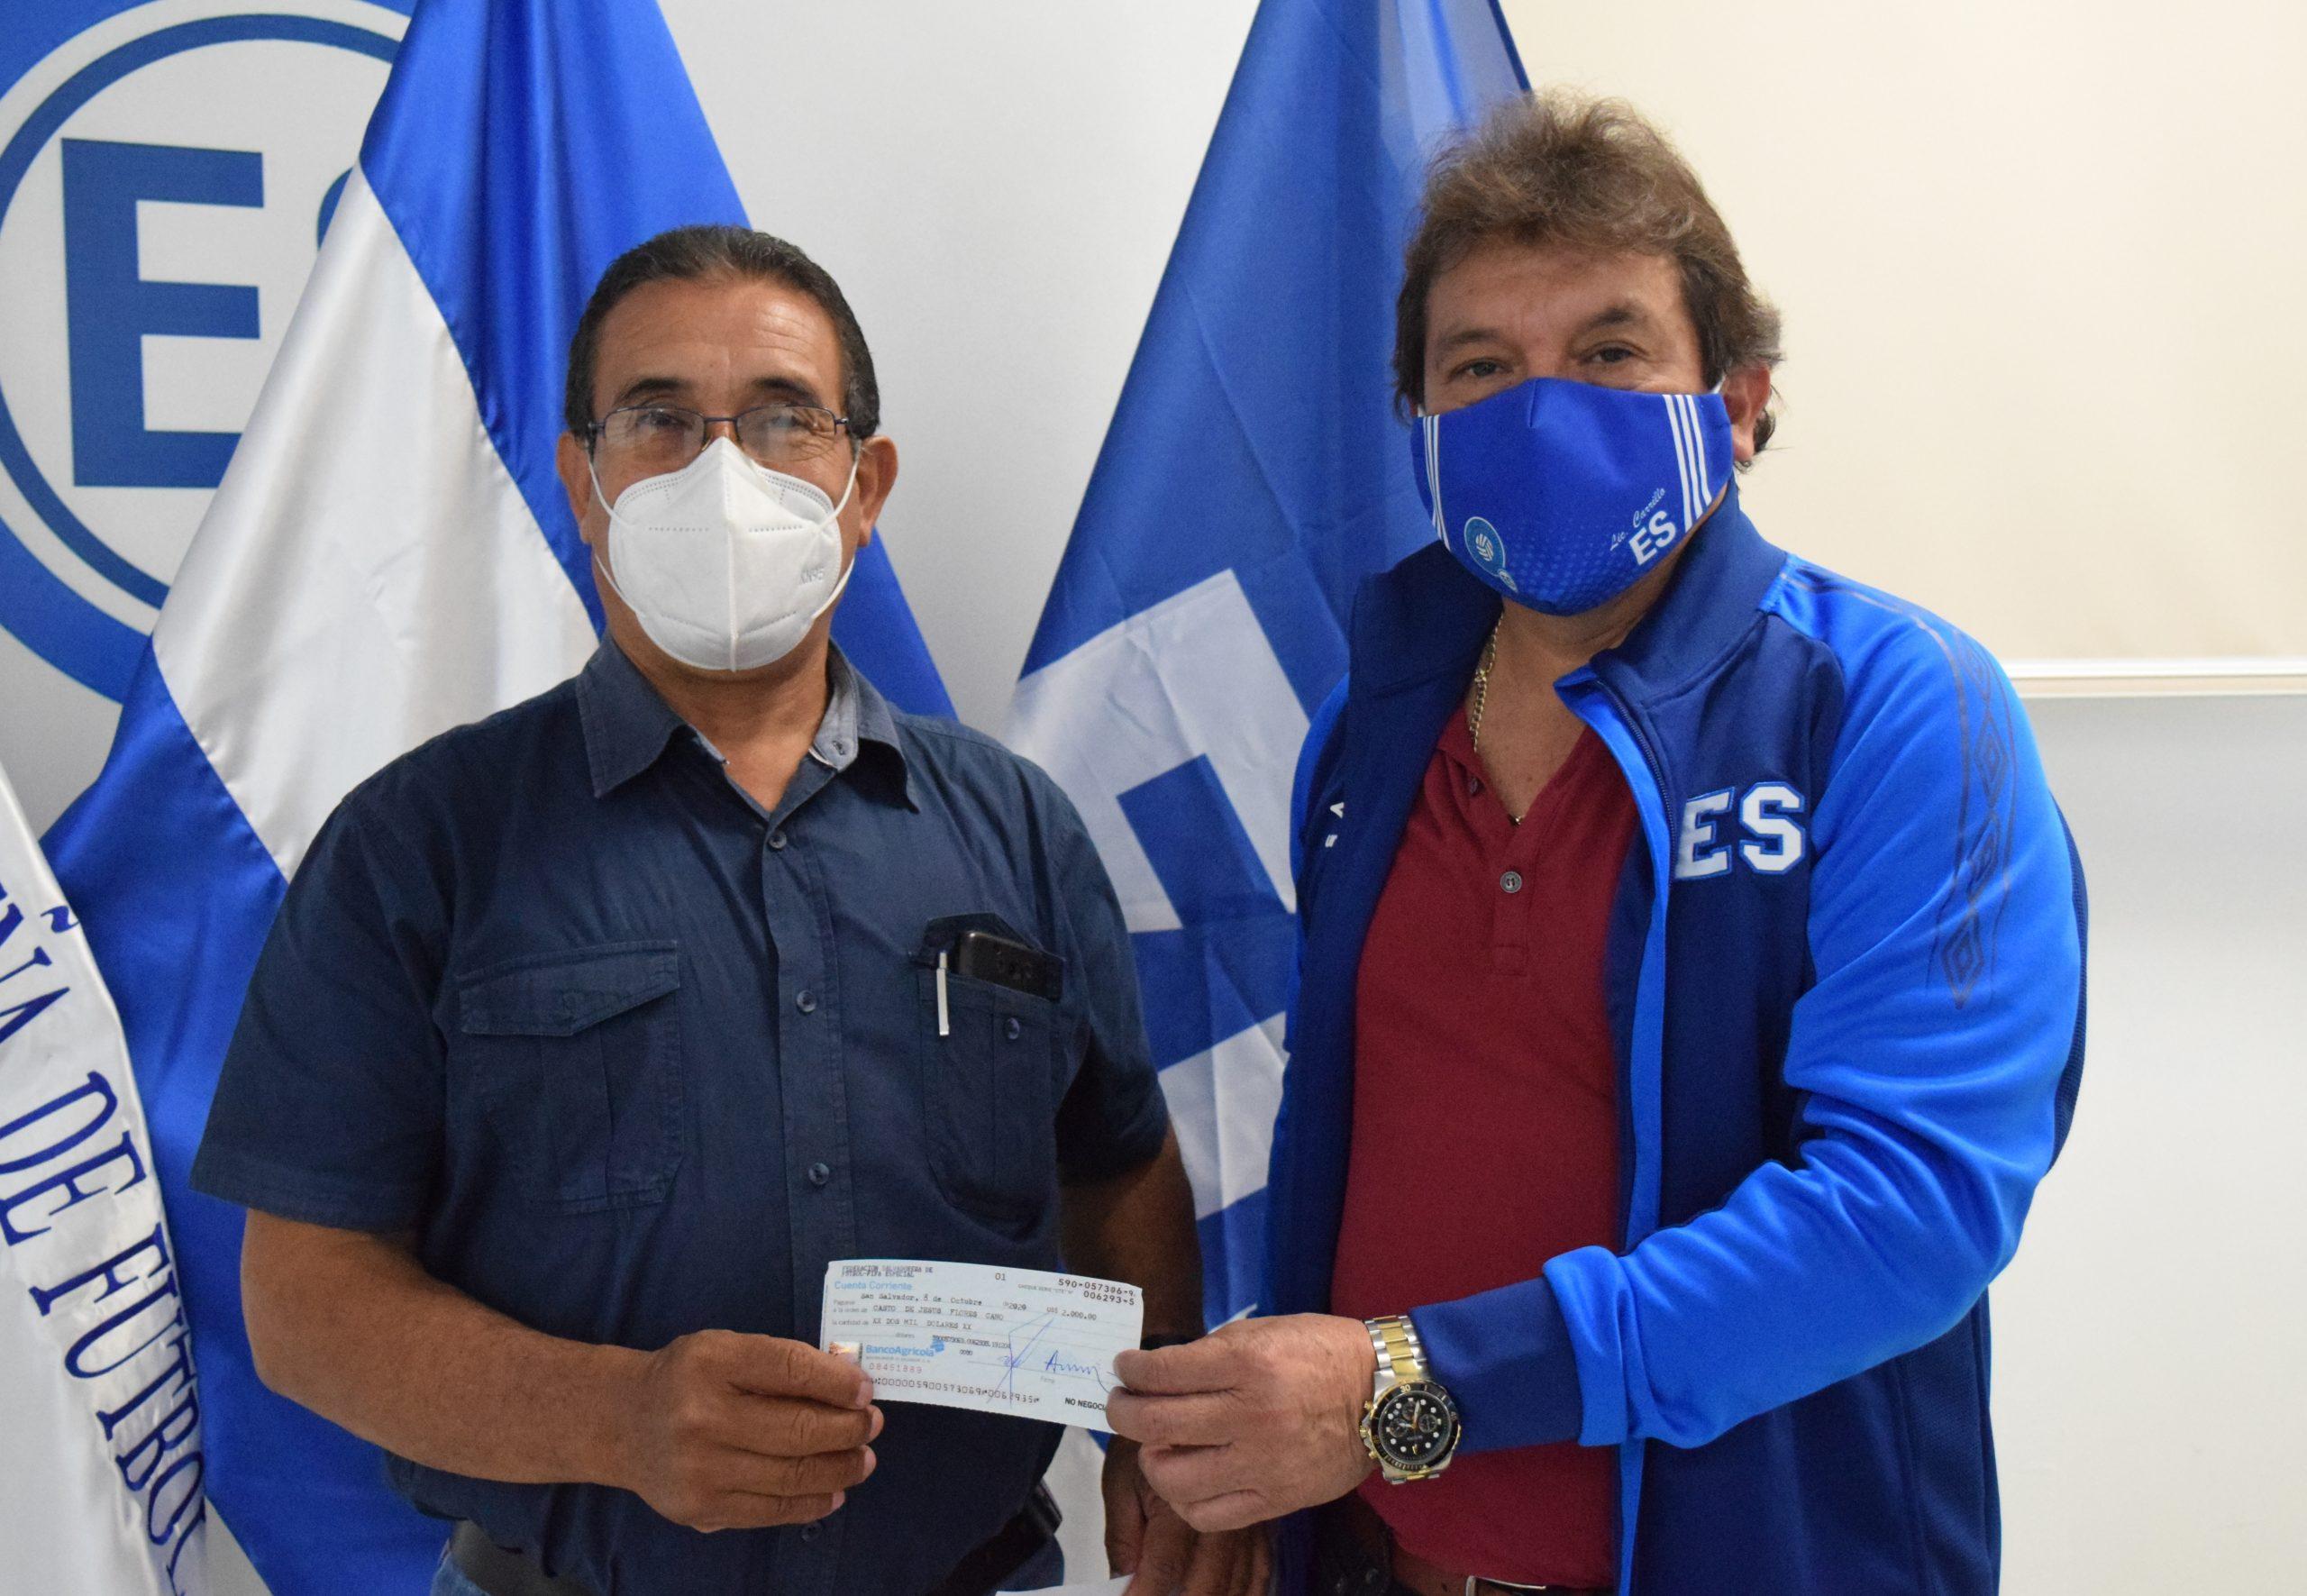 Señor Casto de Jesús Flores de Club Deportivo Juventud Independiente, San Juan Opico, La Libertad.